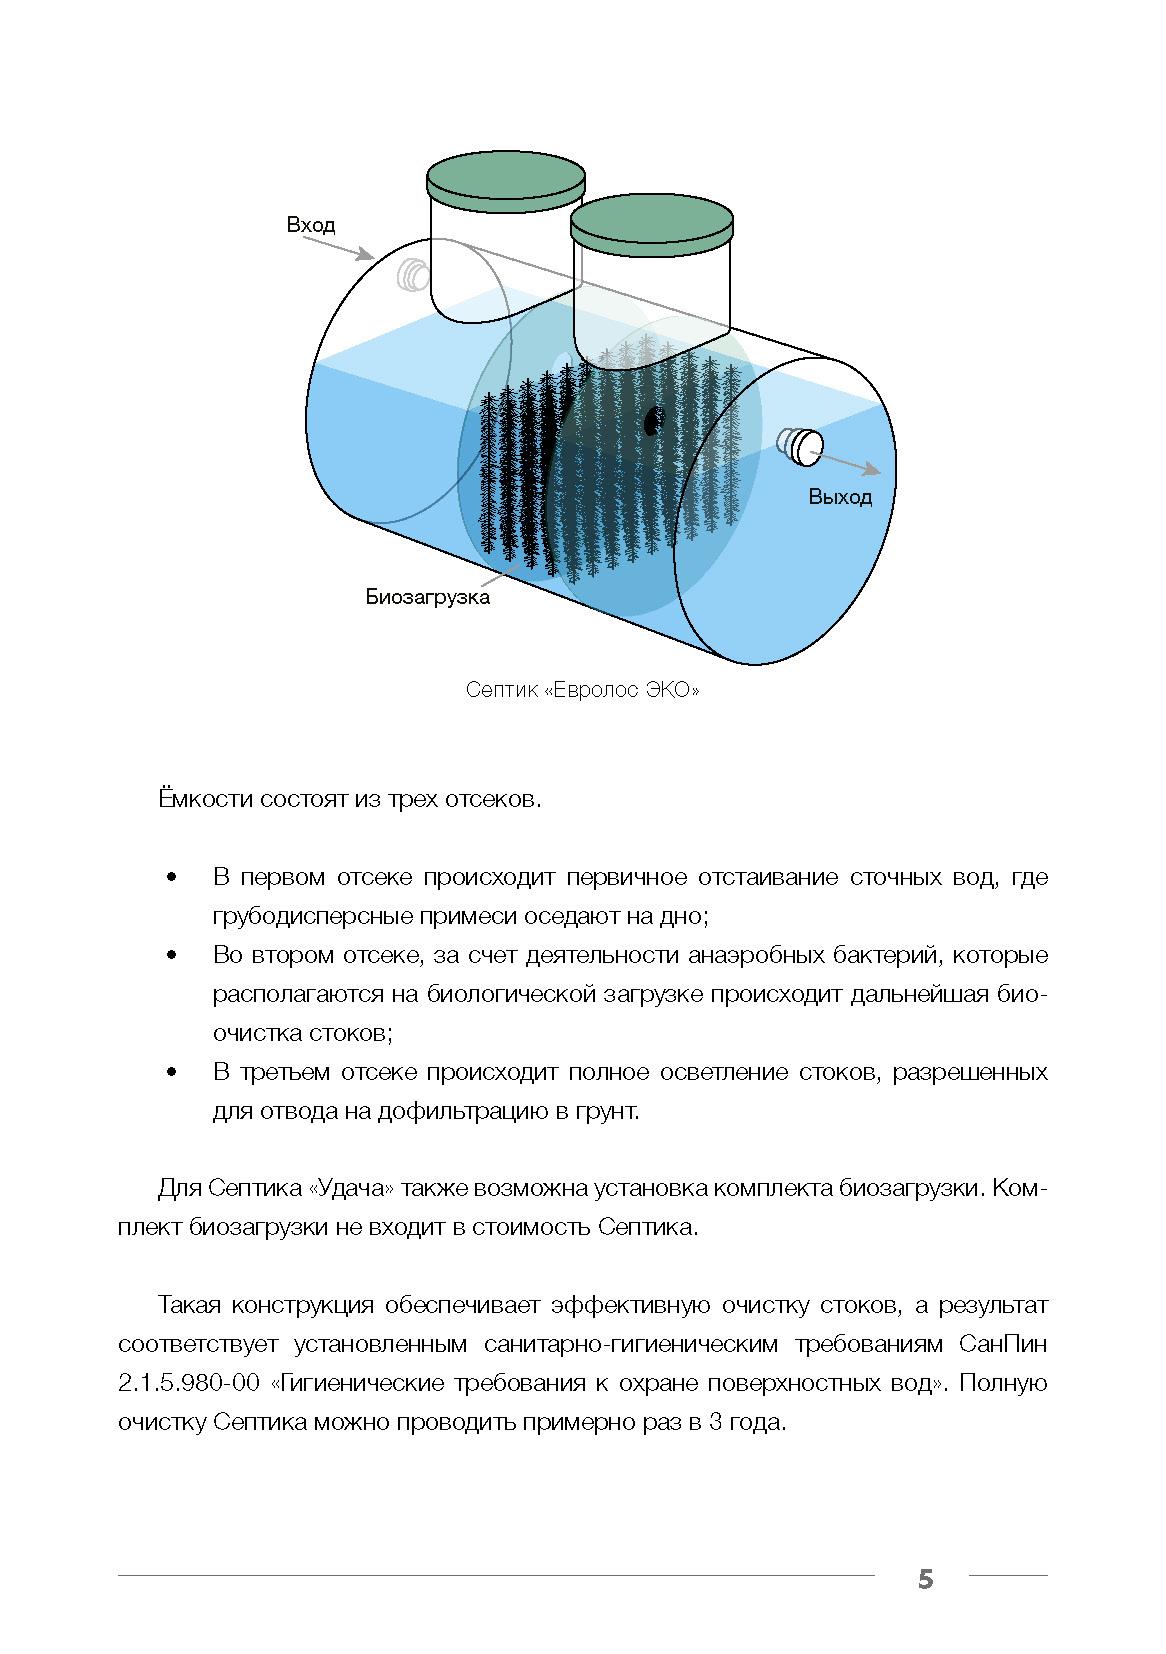 Технический паспорт Евролос Эко_Удача_Страница_07